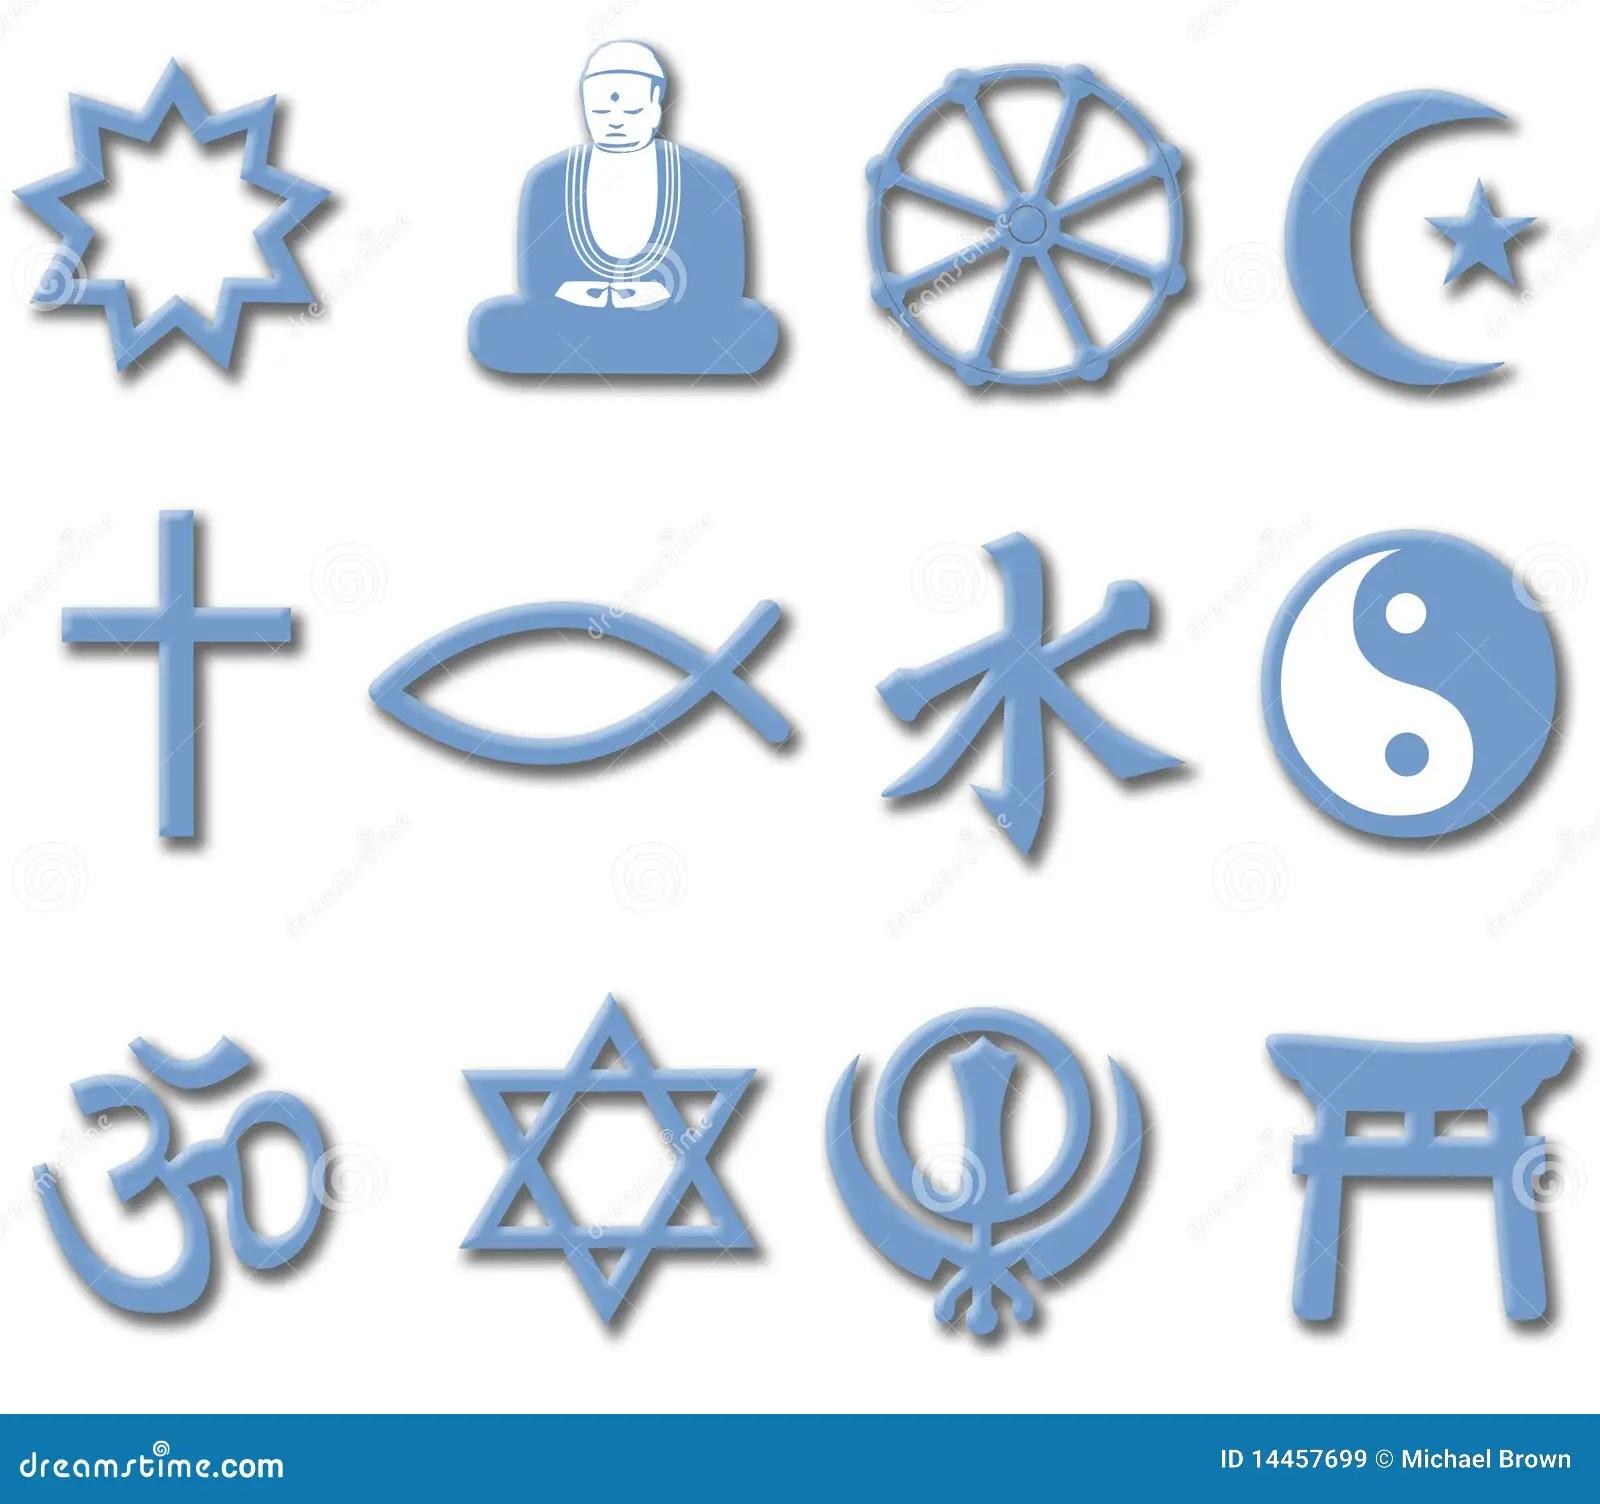 De Wereldgods Nsten Van Het Symbool Van De Gods Nst